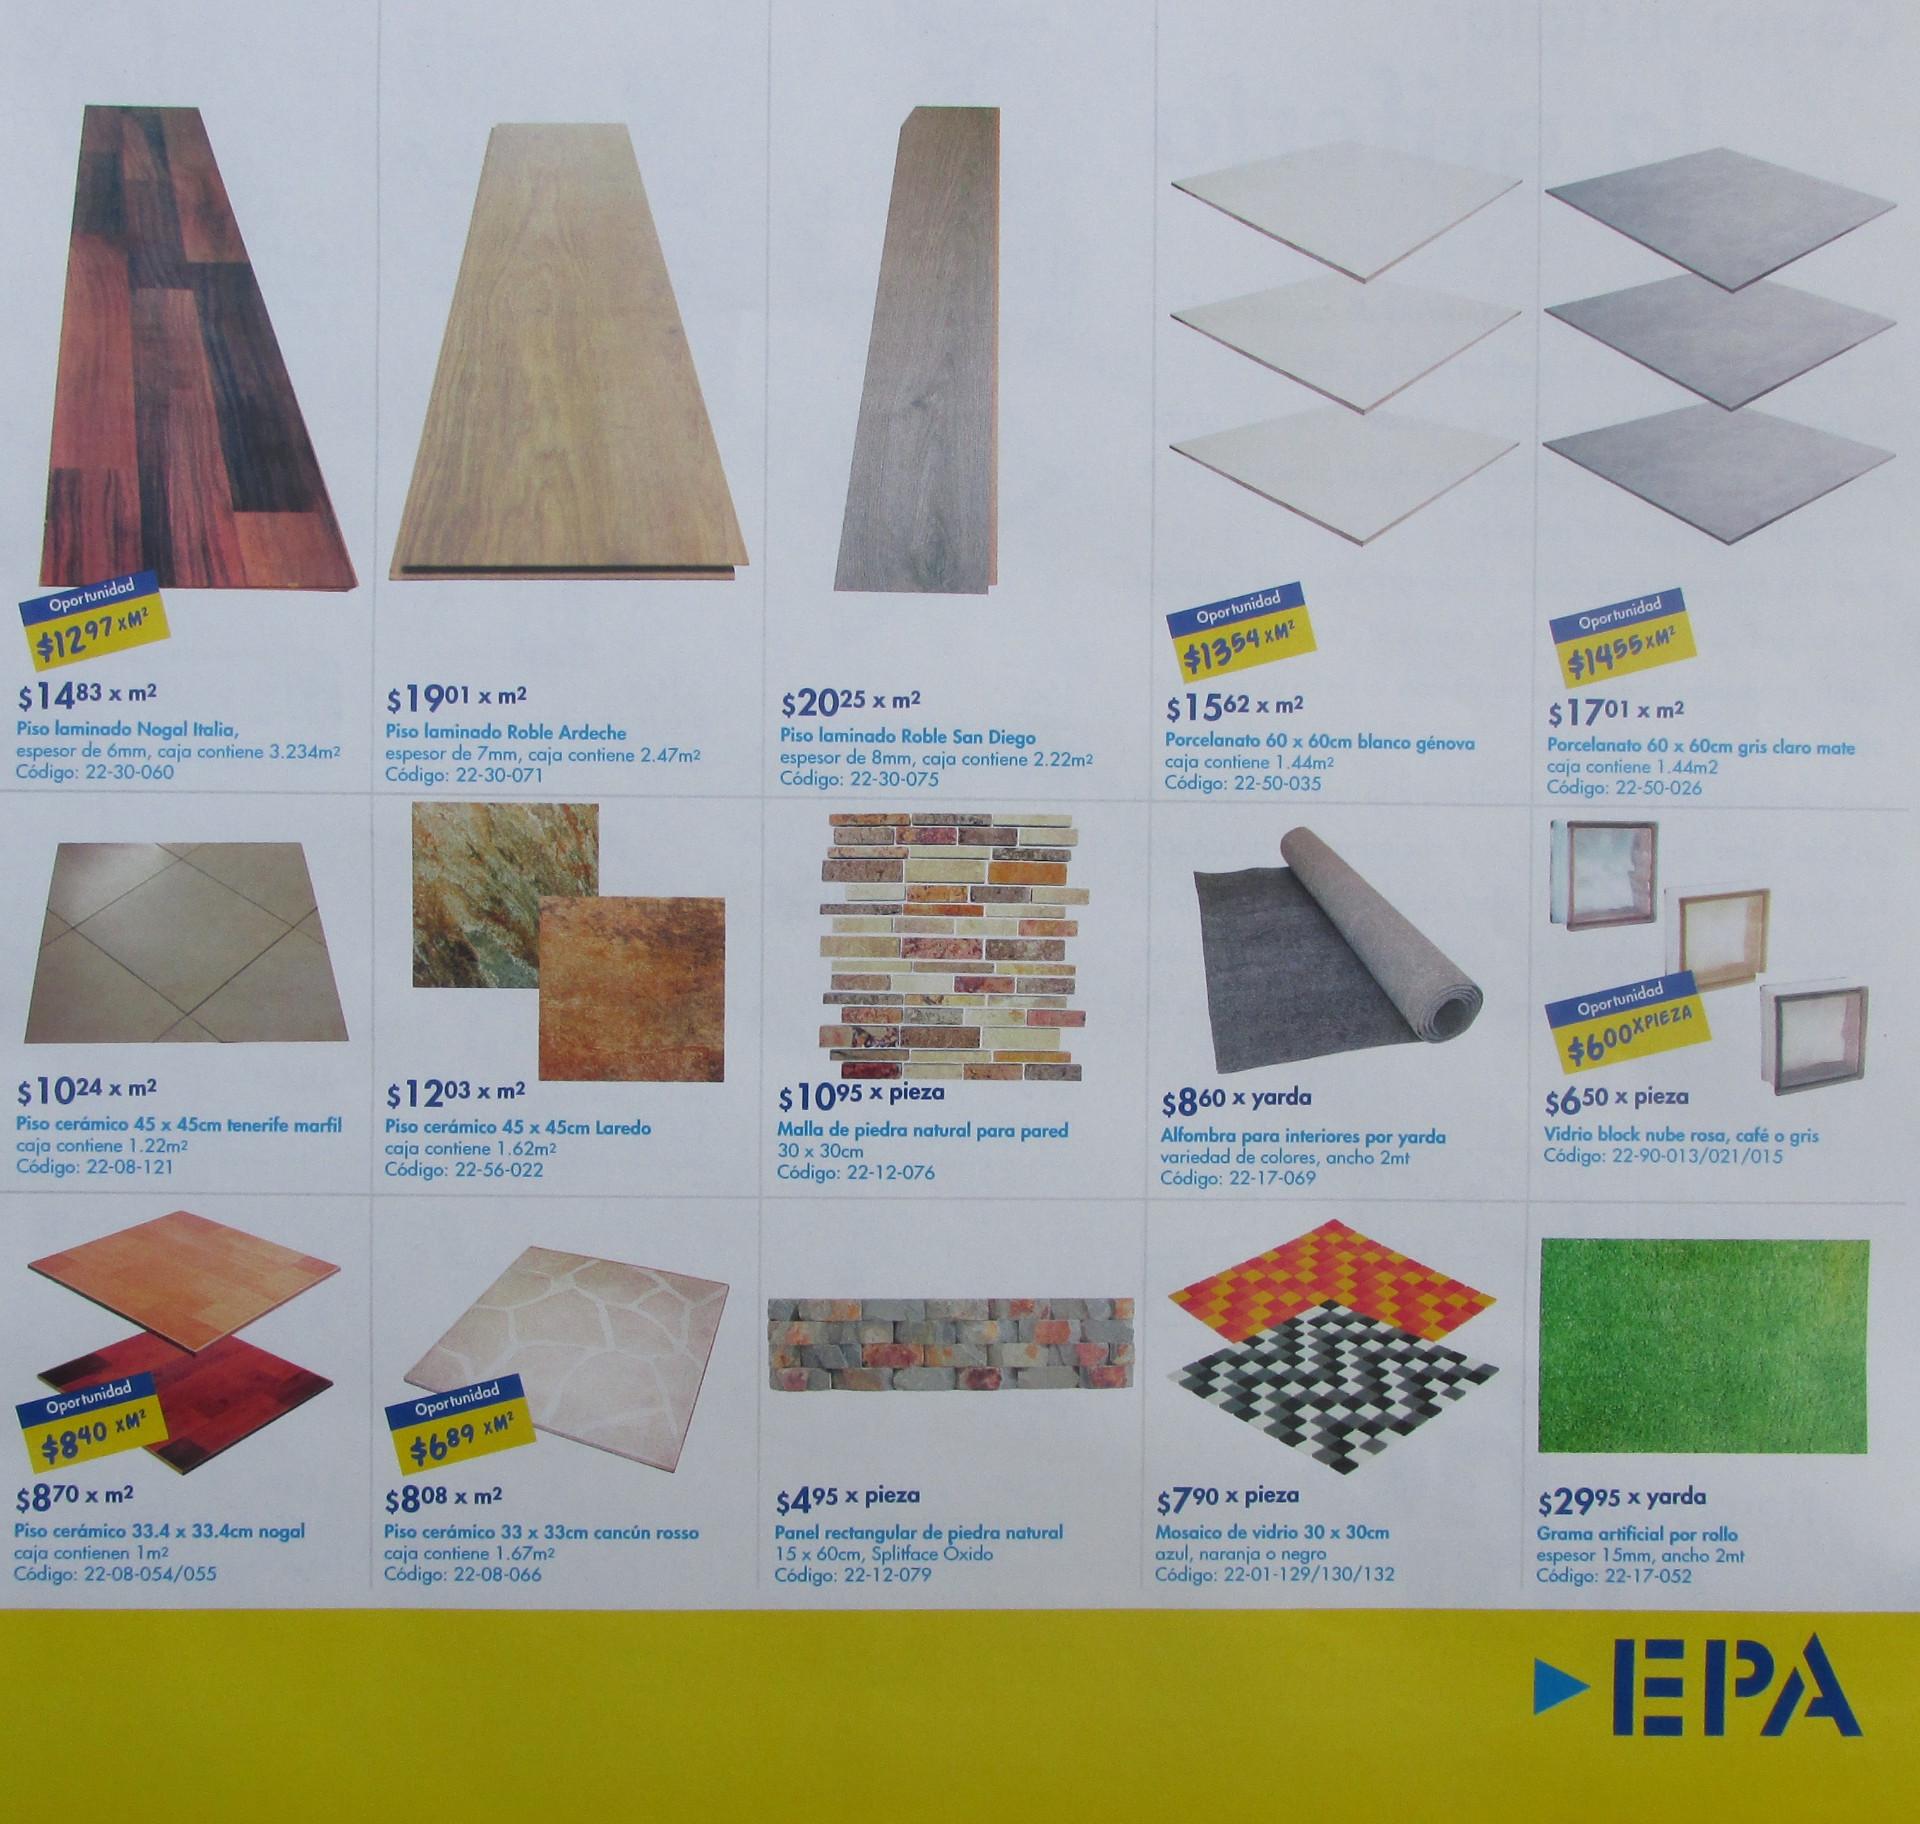 Muebles Para Baño Klipen:Pisos De Cerámica Y Madera Porcelanatos Muros Muebles Para Baño